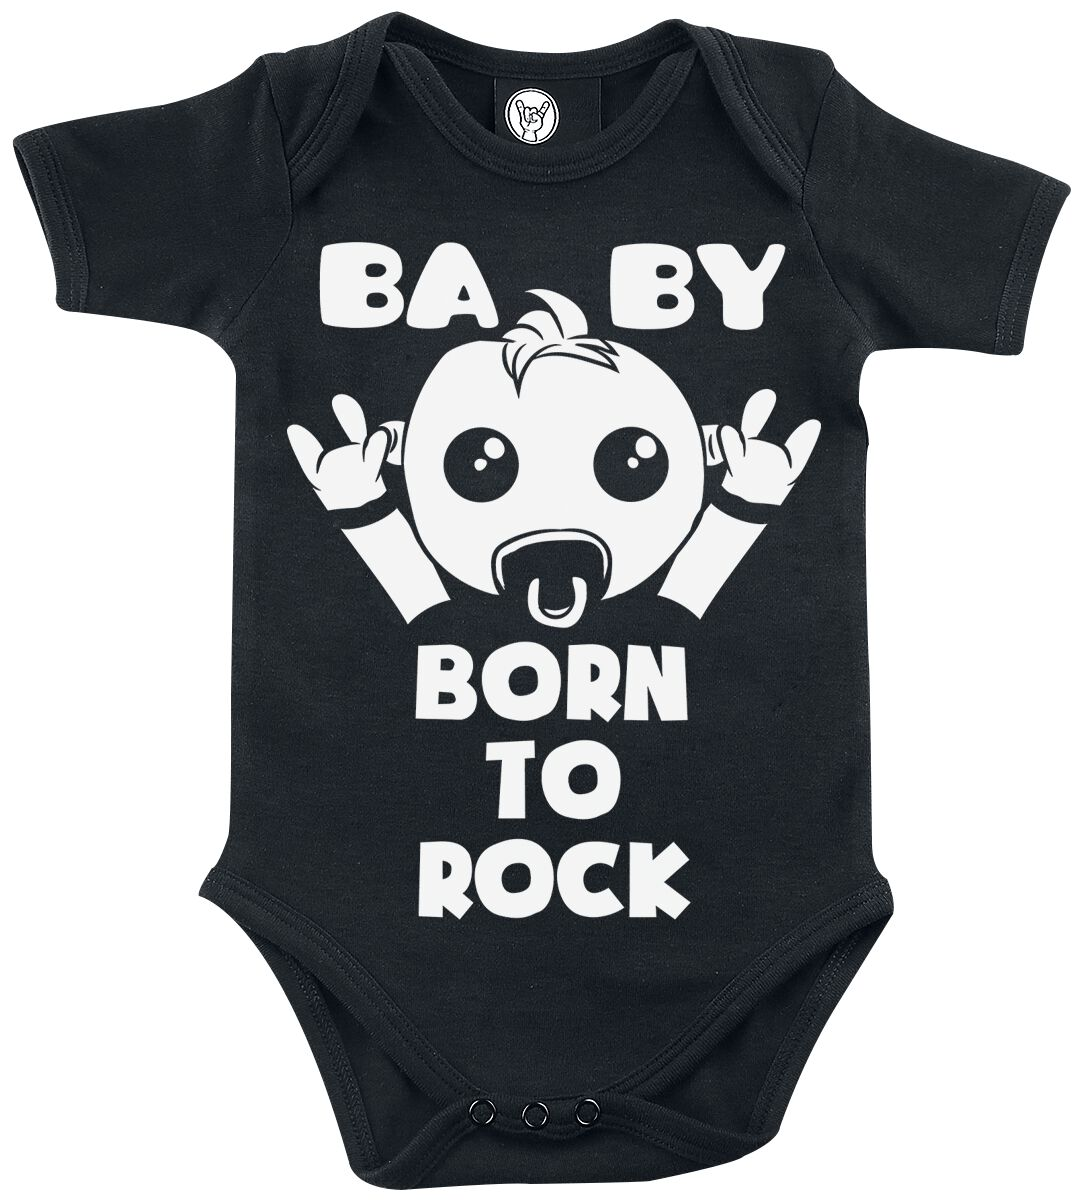 Fun Shirts - Odzież dziecięca i niemowlęca - Body Baby Born To Rock Body czarny - 347978